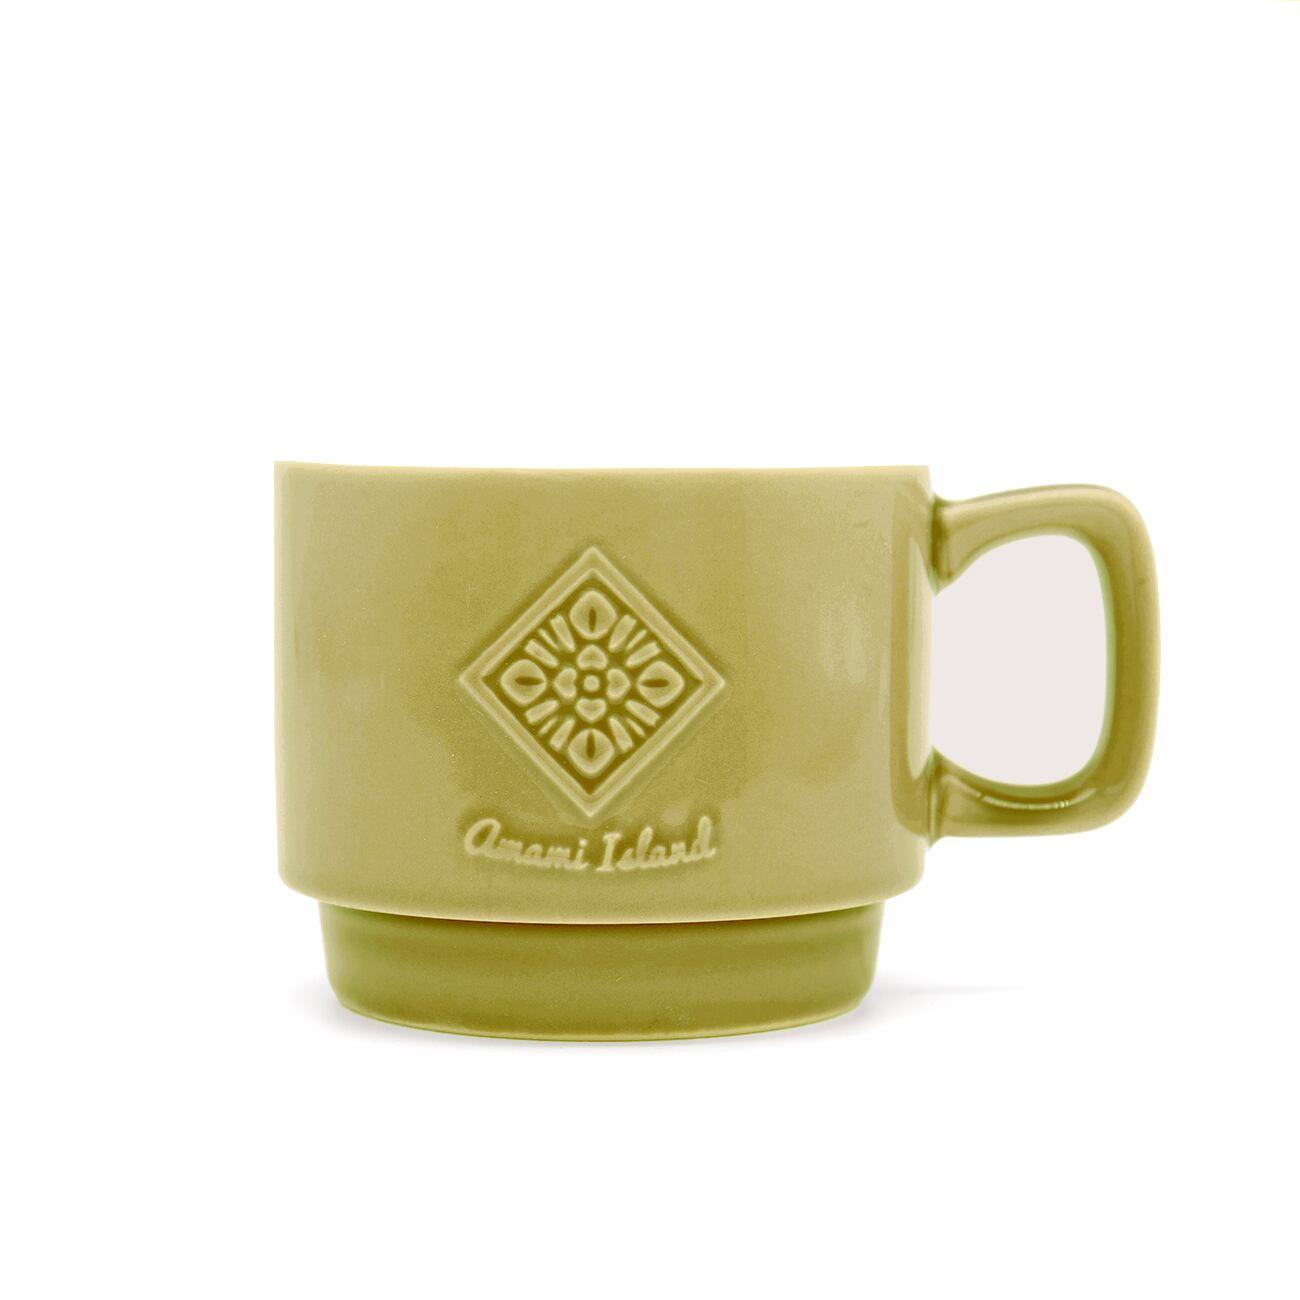 オリジナルマグカップ   オリーブ   紬柄